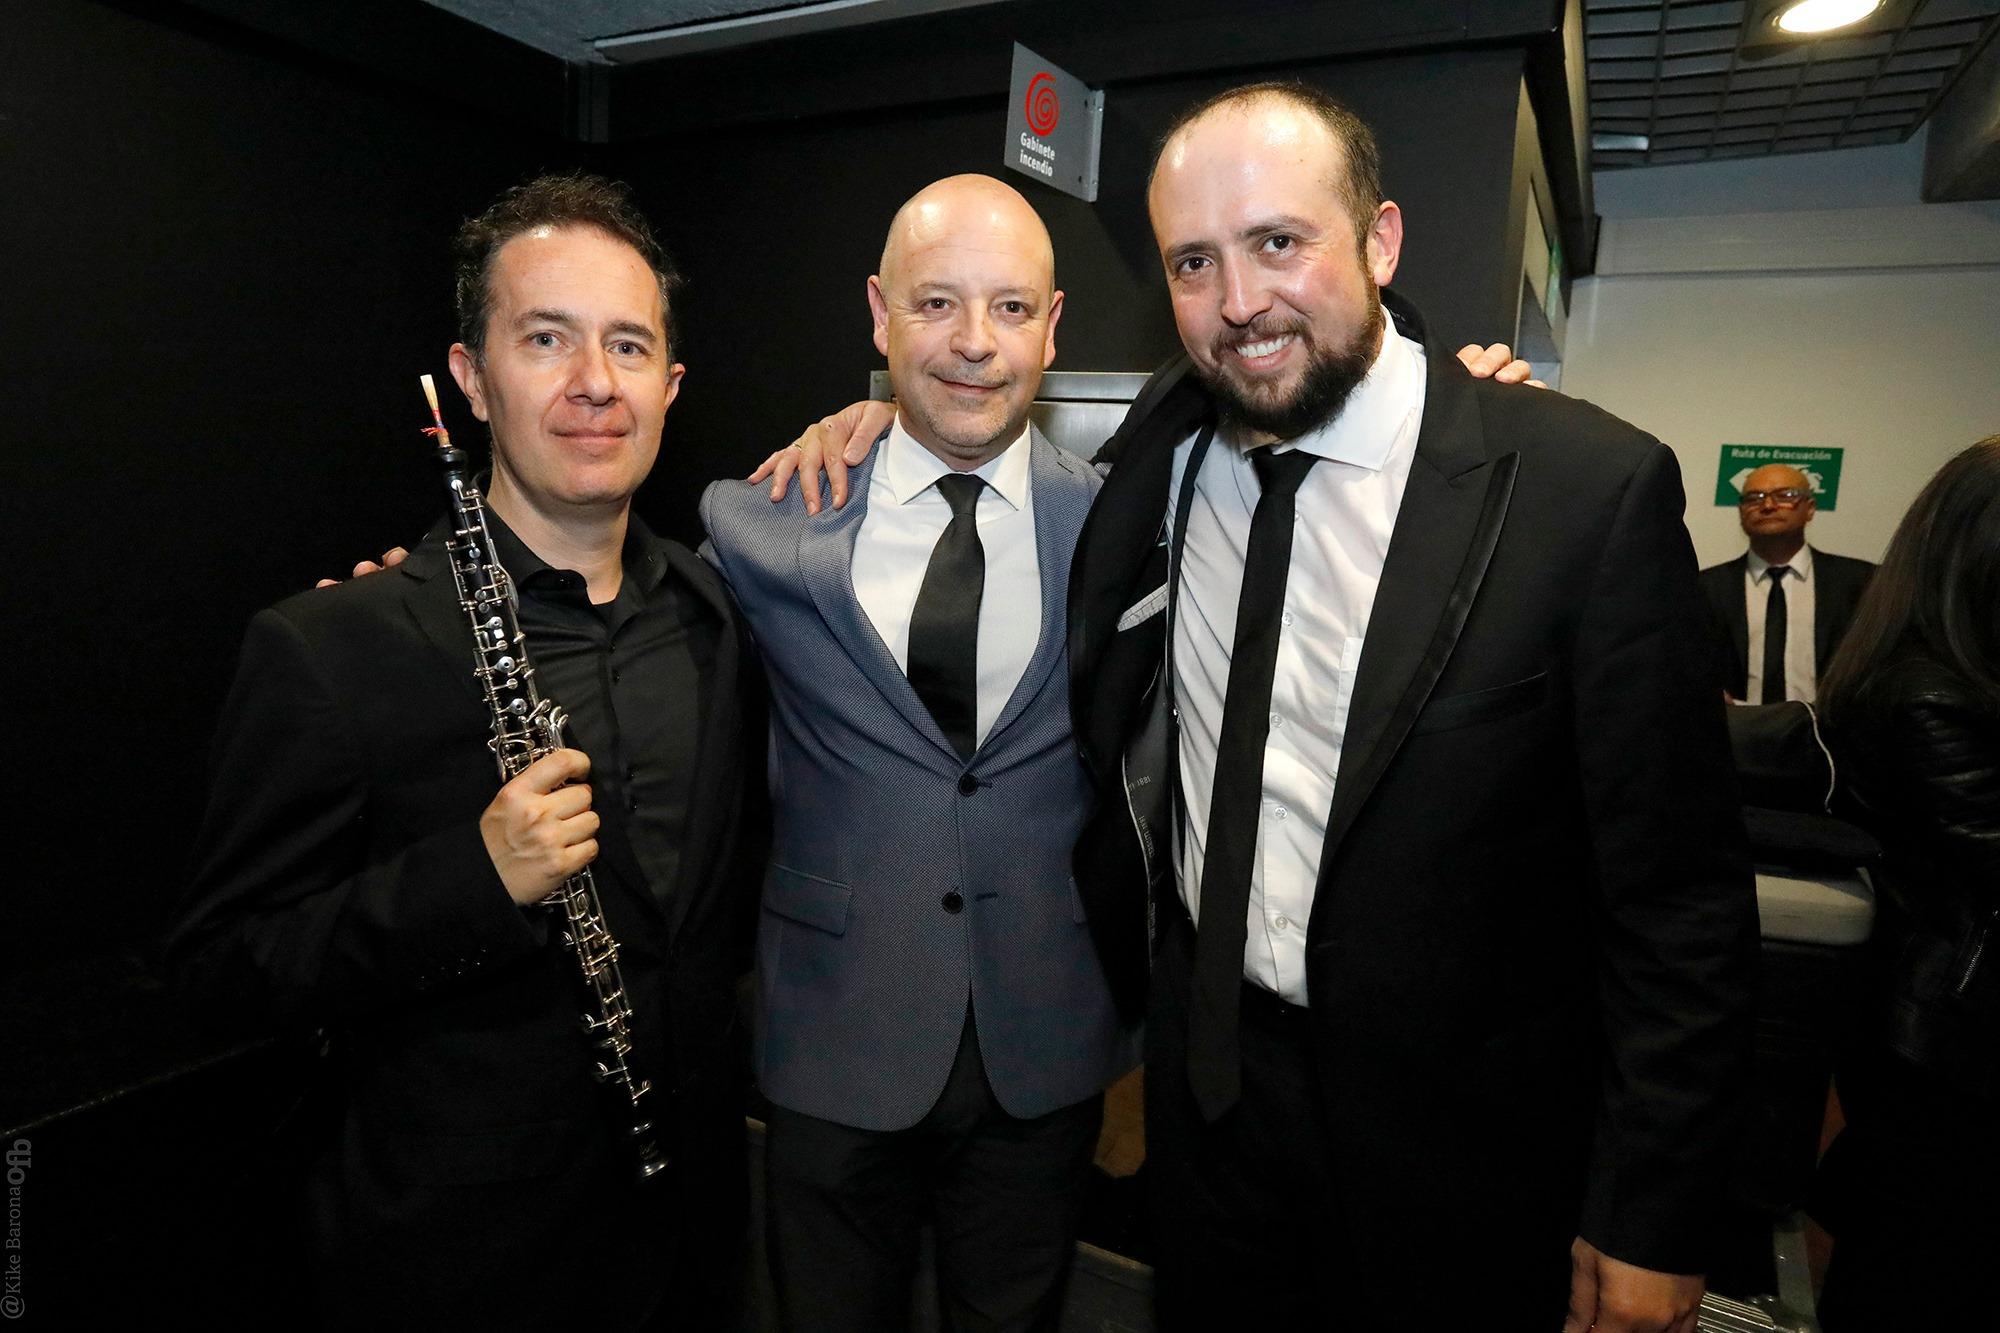 José Luis Domínguez (Chile) y Jorge Andr